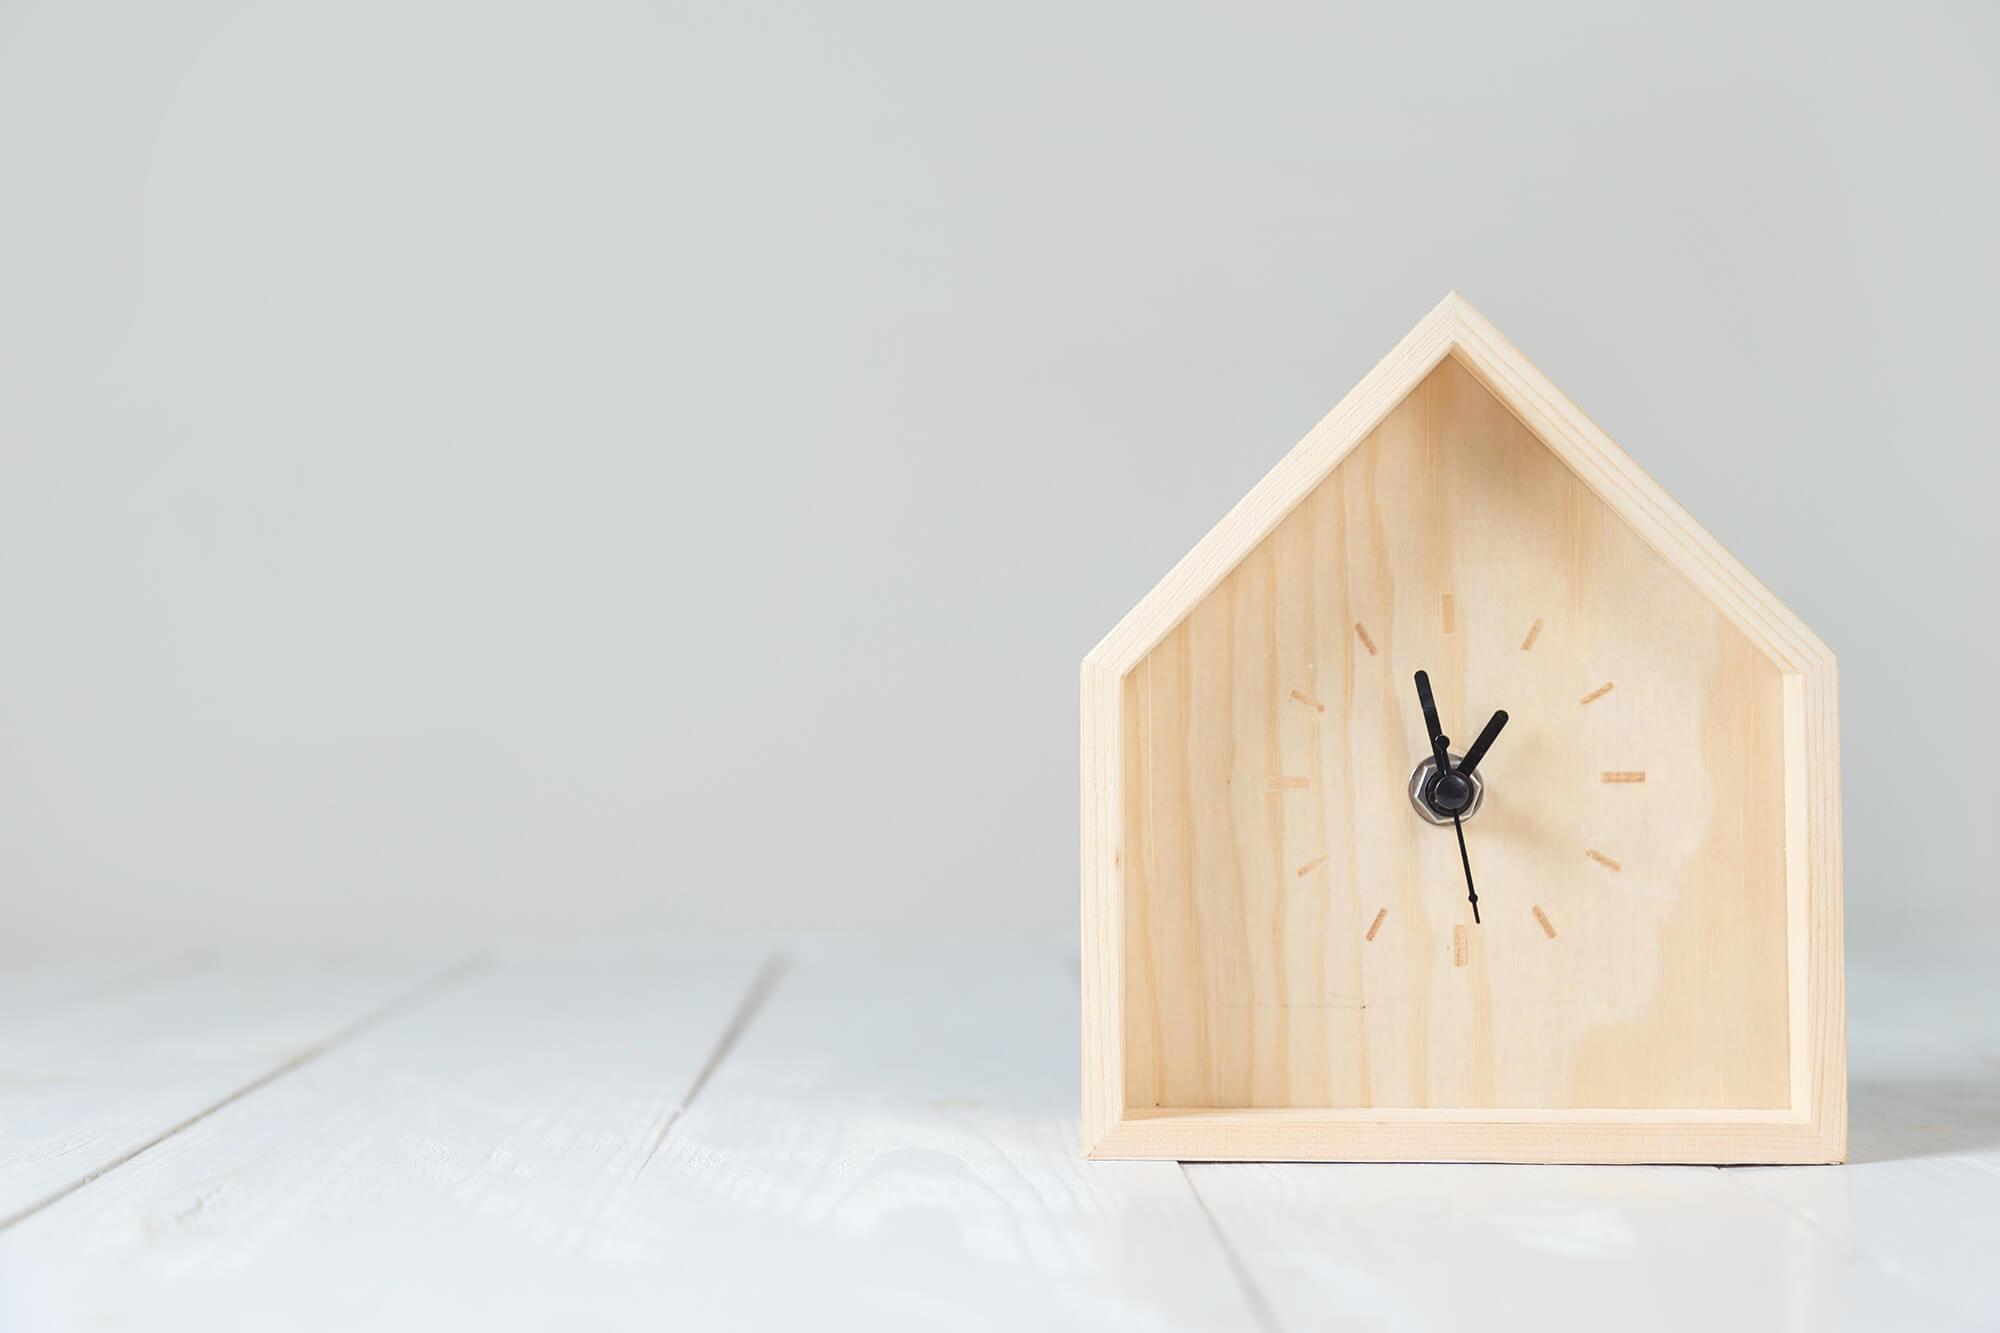 Immobilienverkauf - Den richtigen Zeitpunkt finden